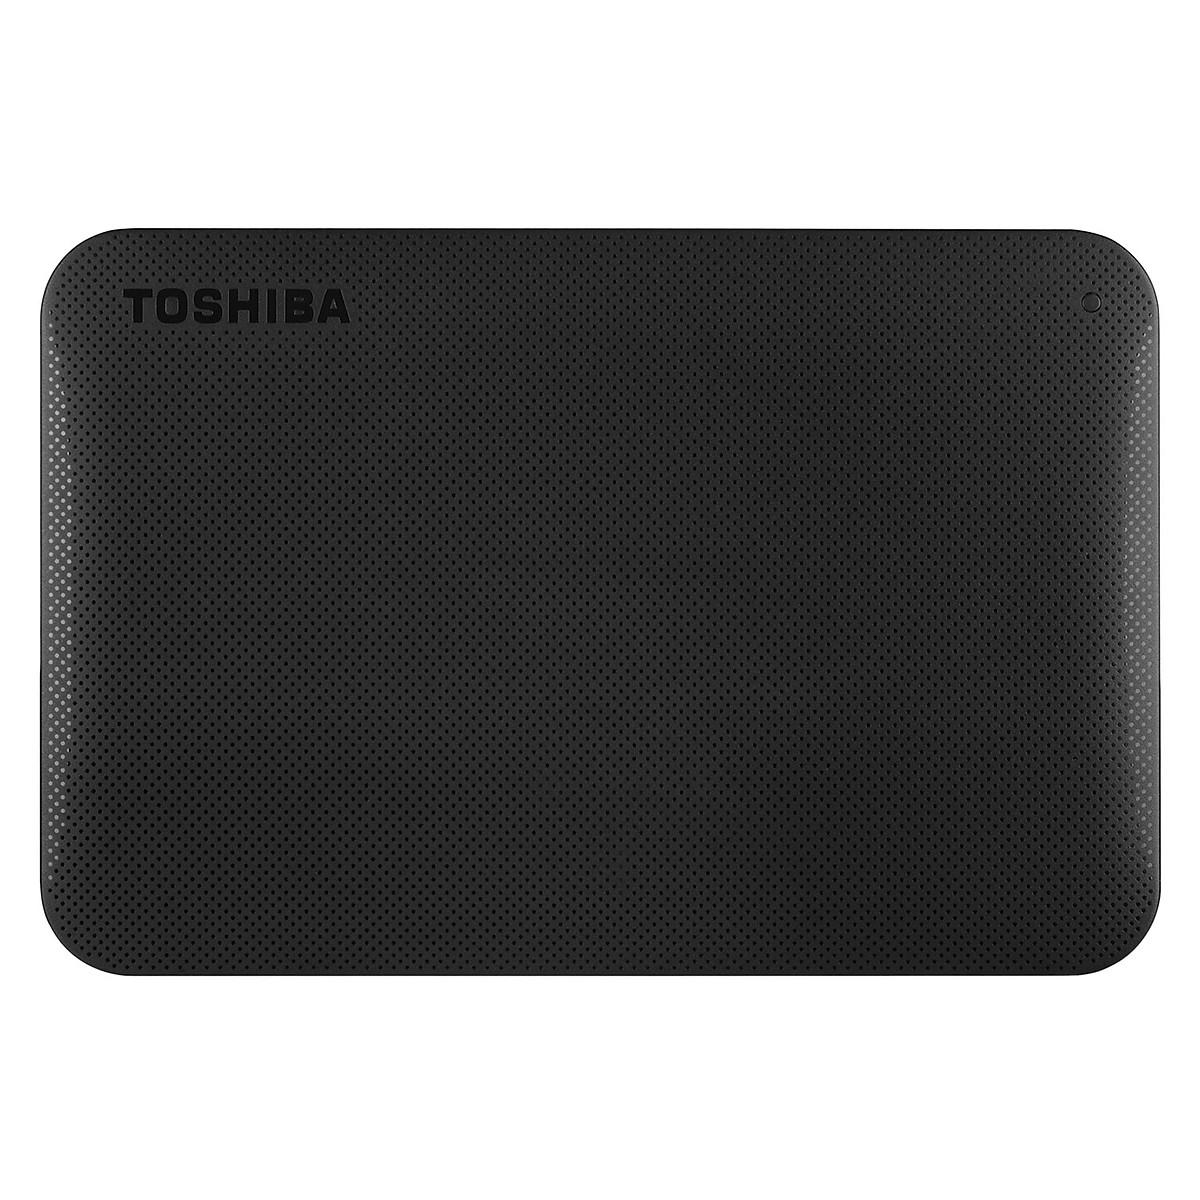 Ổ Cứng Di Động Toshiba CANVIO READY 1TB – USB 3.0 HDTP210AK3AA – Hàng Chính Hãng